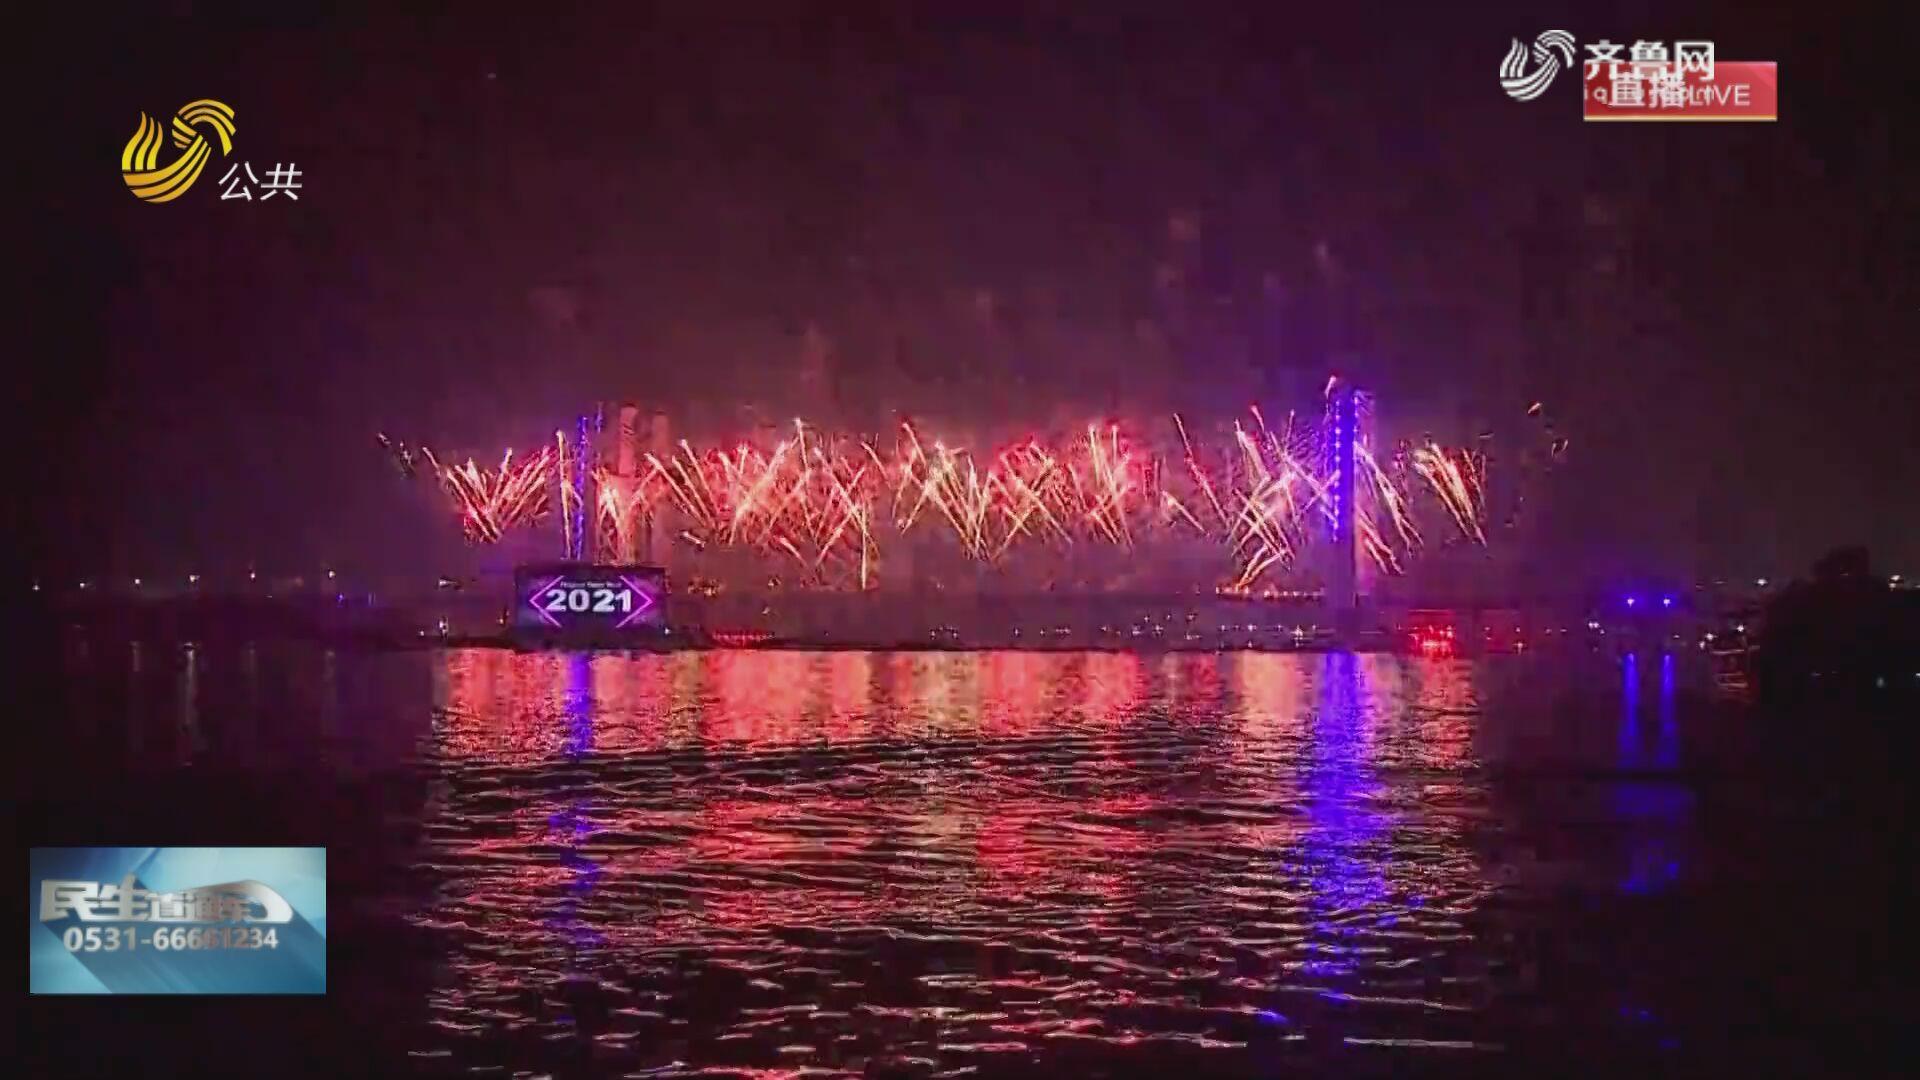 开罗烟花表演迎新年